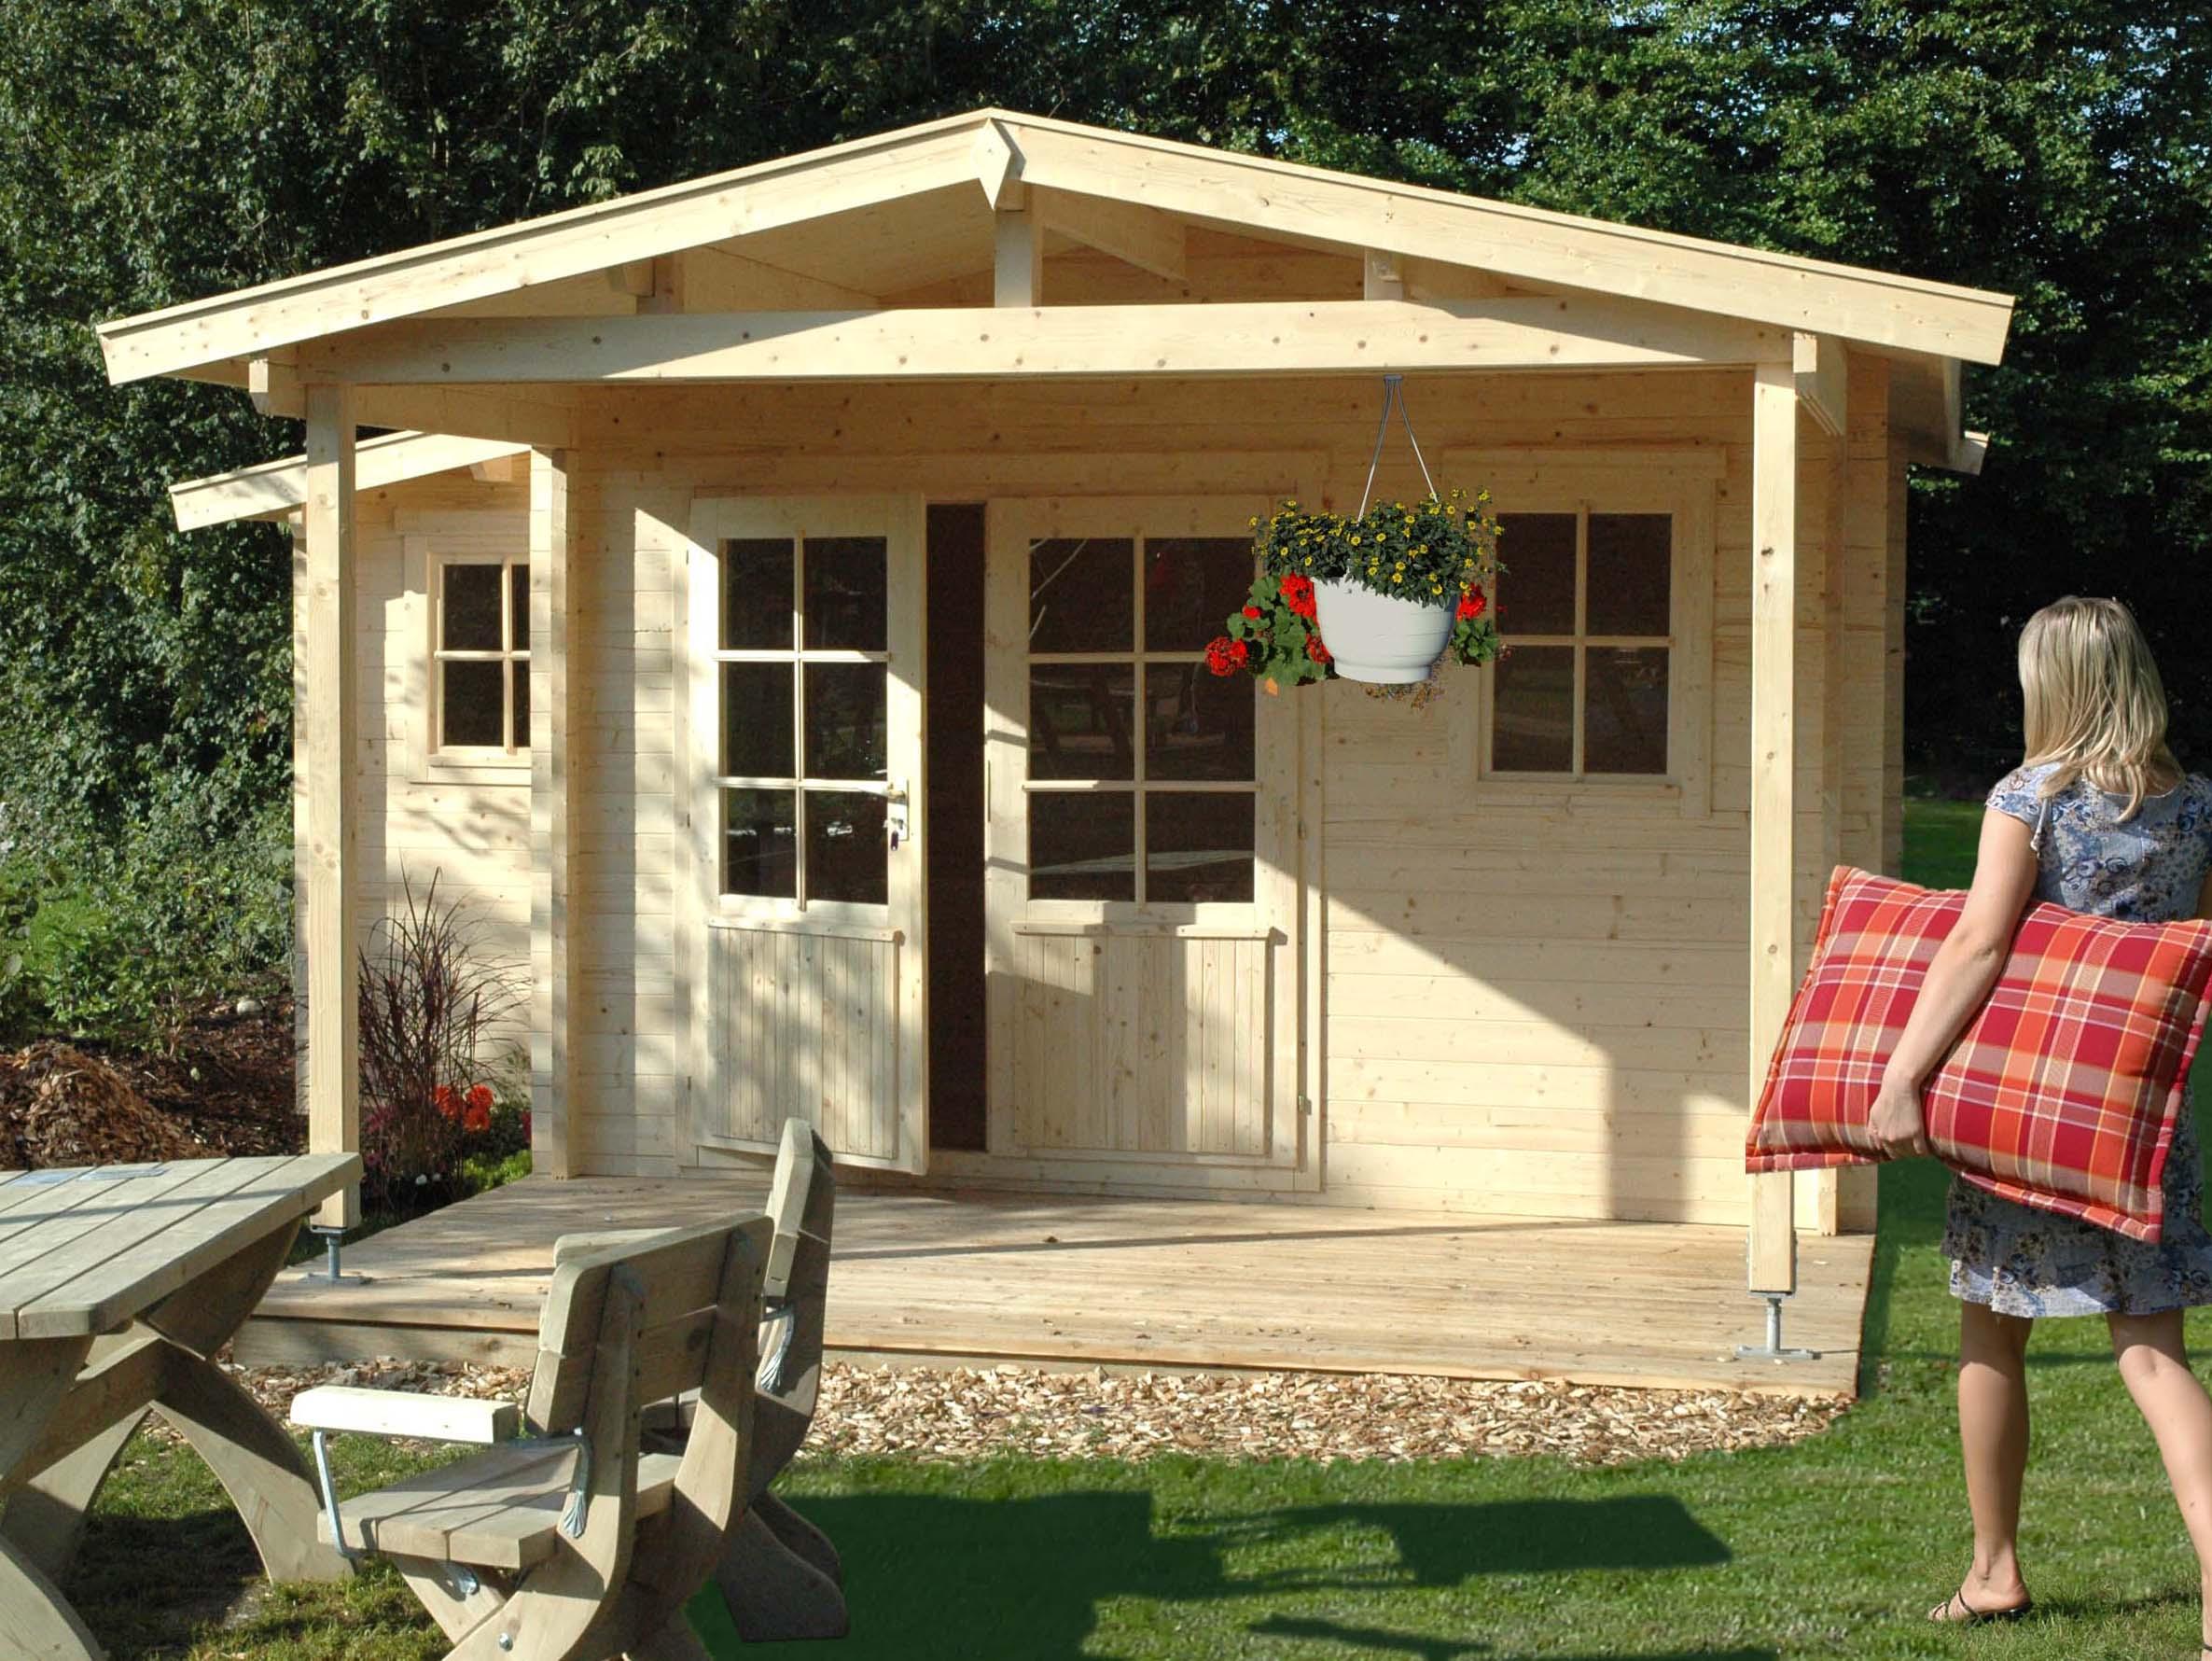 gartenhaus weekend ranch domicil g nstig kaufen online shop. Black Bedroom Furniture Sets. Home Design Ideas